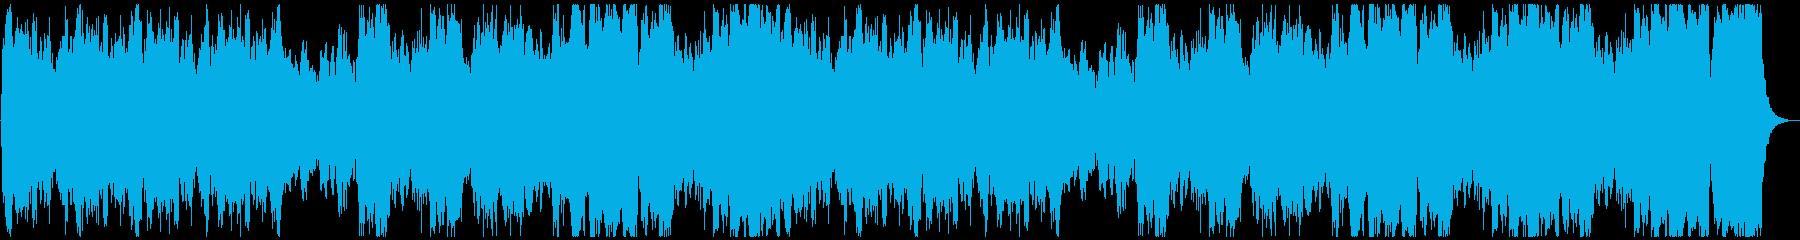 教会・聖堂のパイプオルガンの再生済みの波形